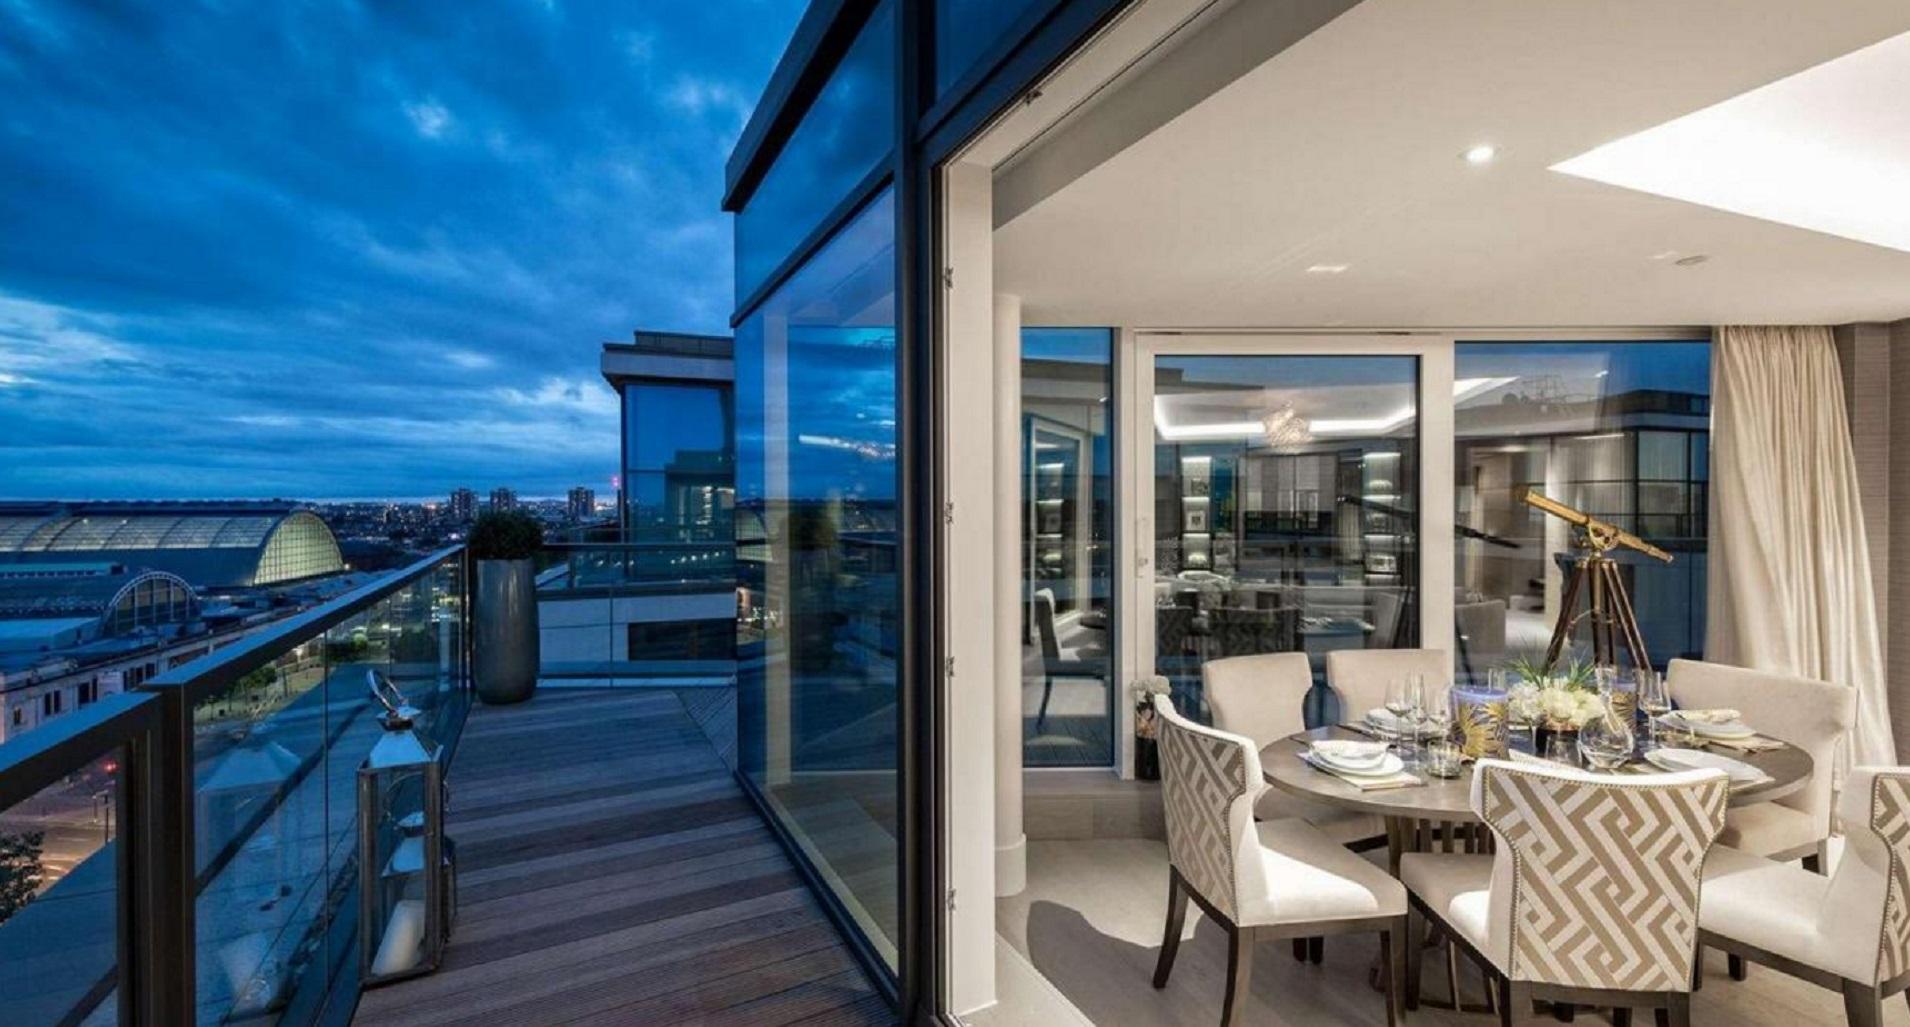 """Según el departamento para Comunidades y Gobierno local, se espera que """"estas nuevas propiedades se ofrezcan como una de las opciones para realojar, de manera permanente, a los residentes de la Torre Grenfell (berkeleygroup.co.uk)"""